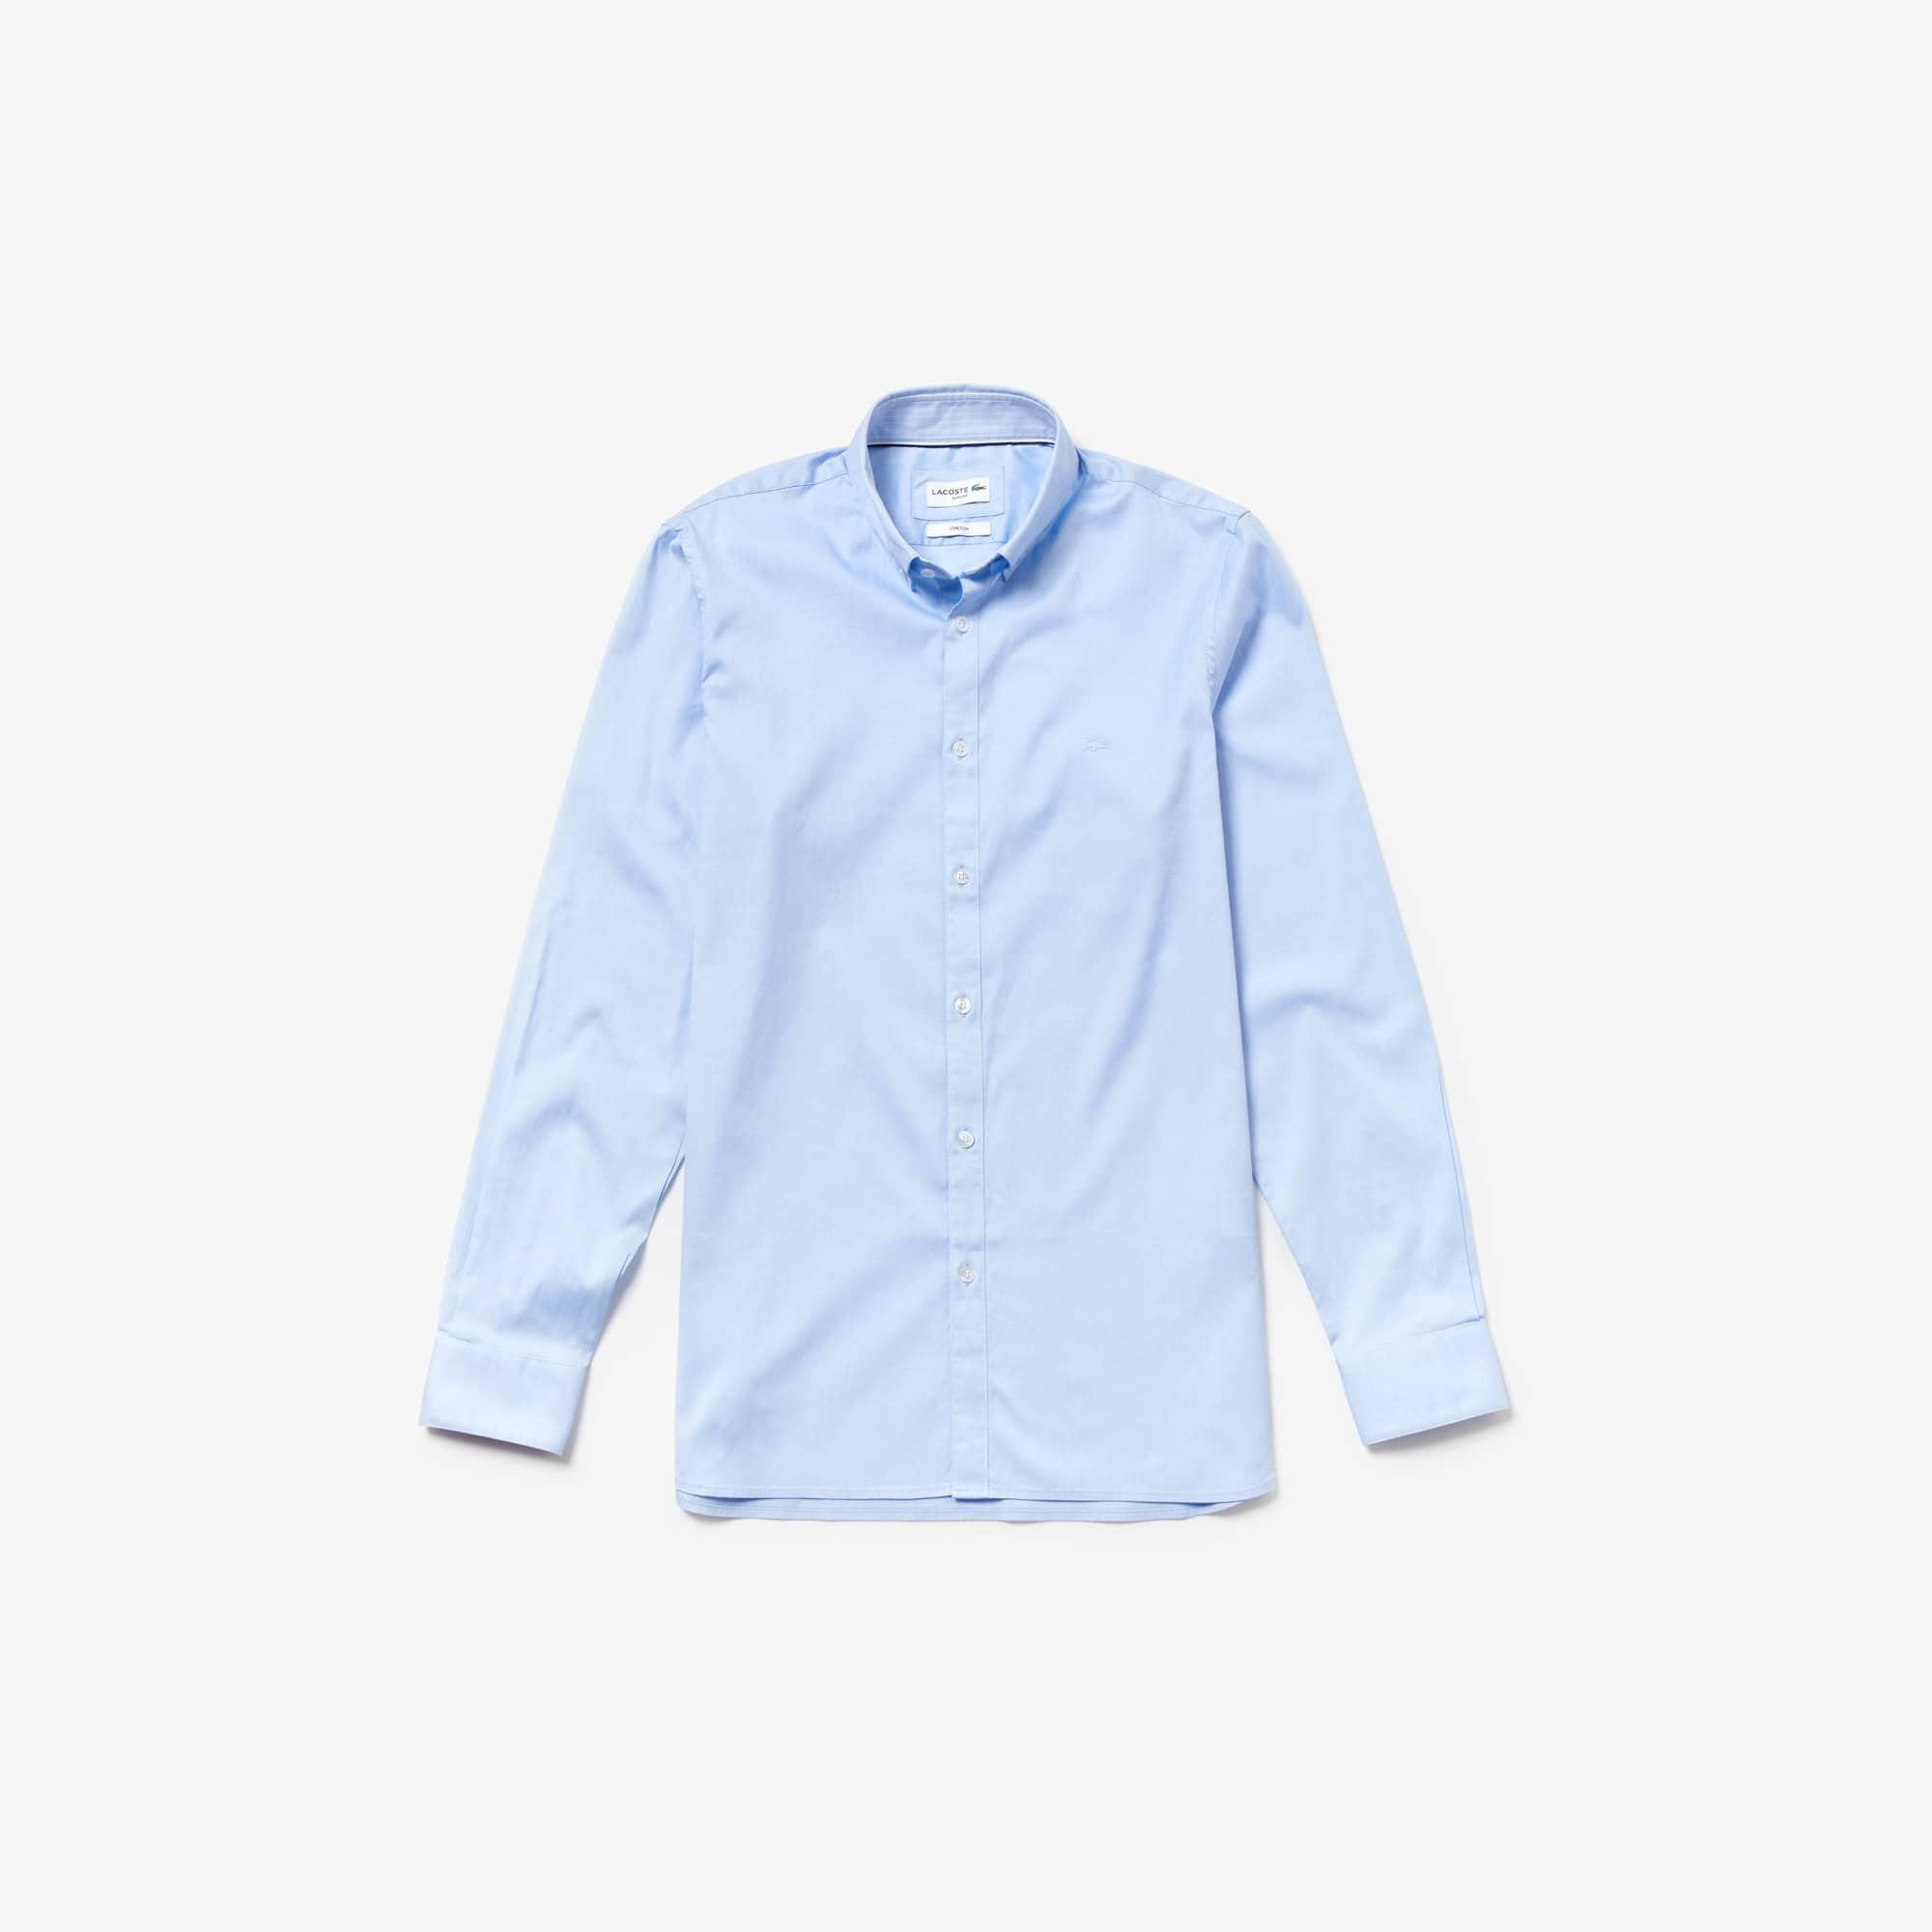 라코스테 Lacoste Mens Slim Fit Stretch Cotton Pinpoint Shirt,light blue